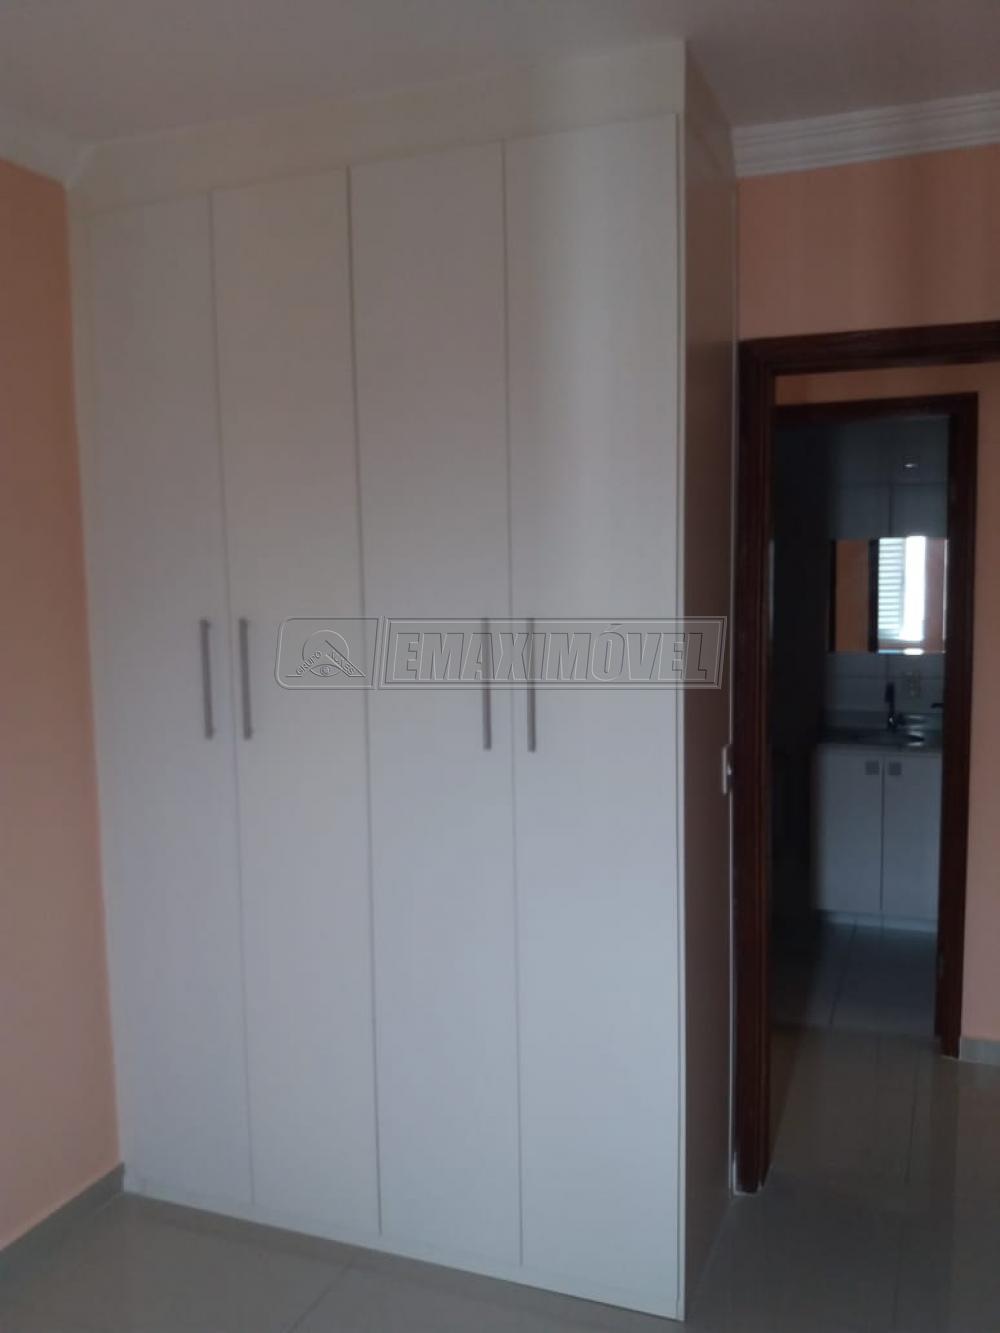 Comprar Casas / em Bairros em Sorocaba apenas R$ 330.000,00 - Foto 5